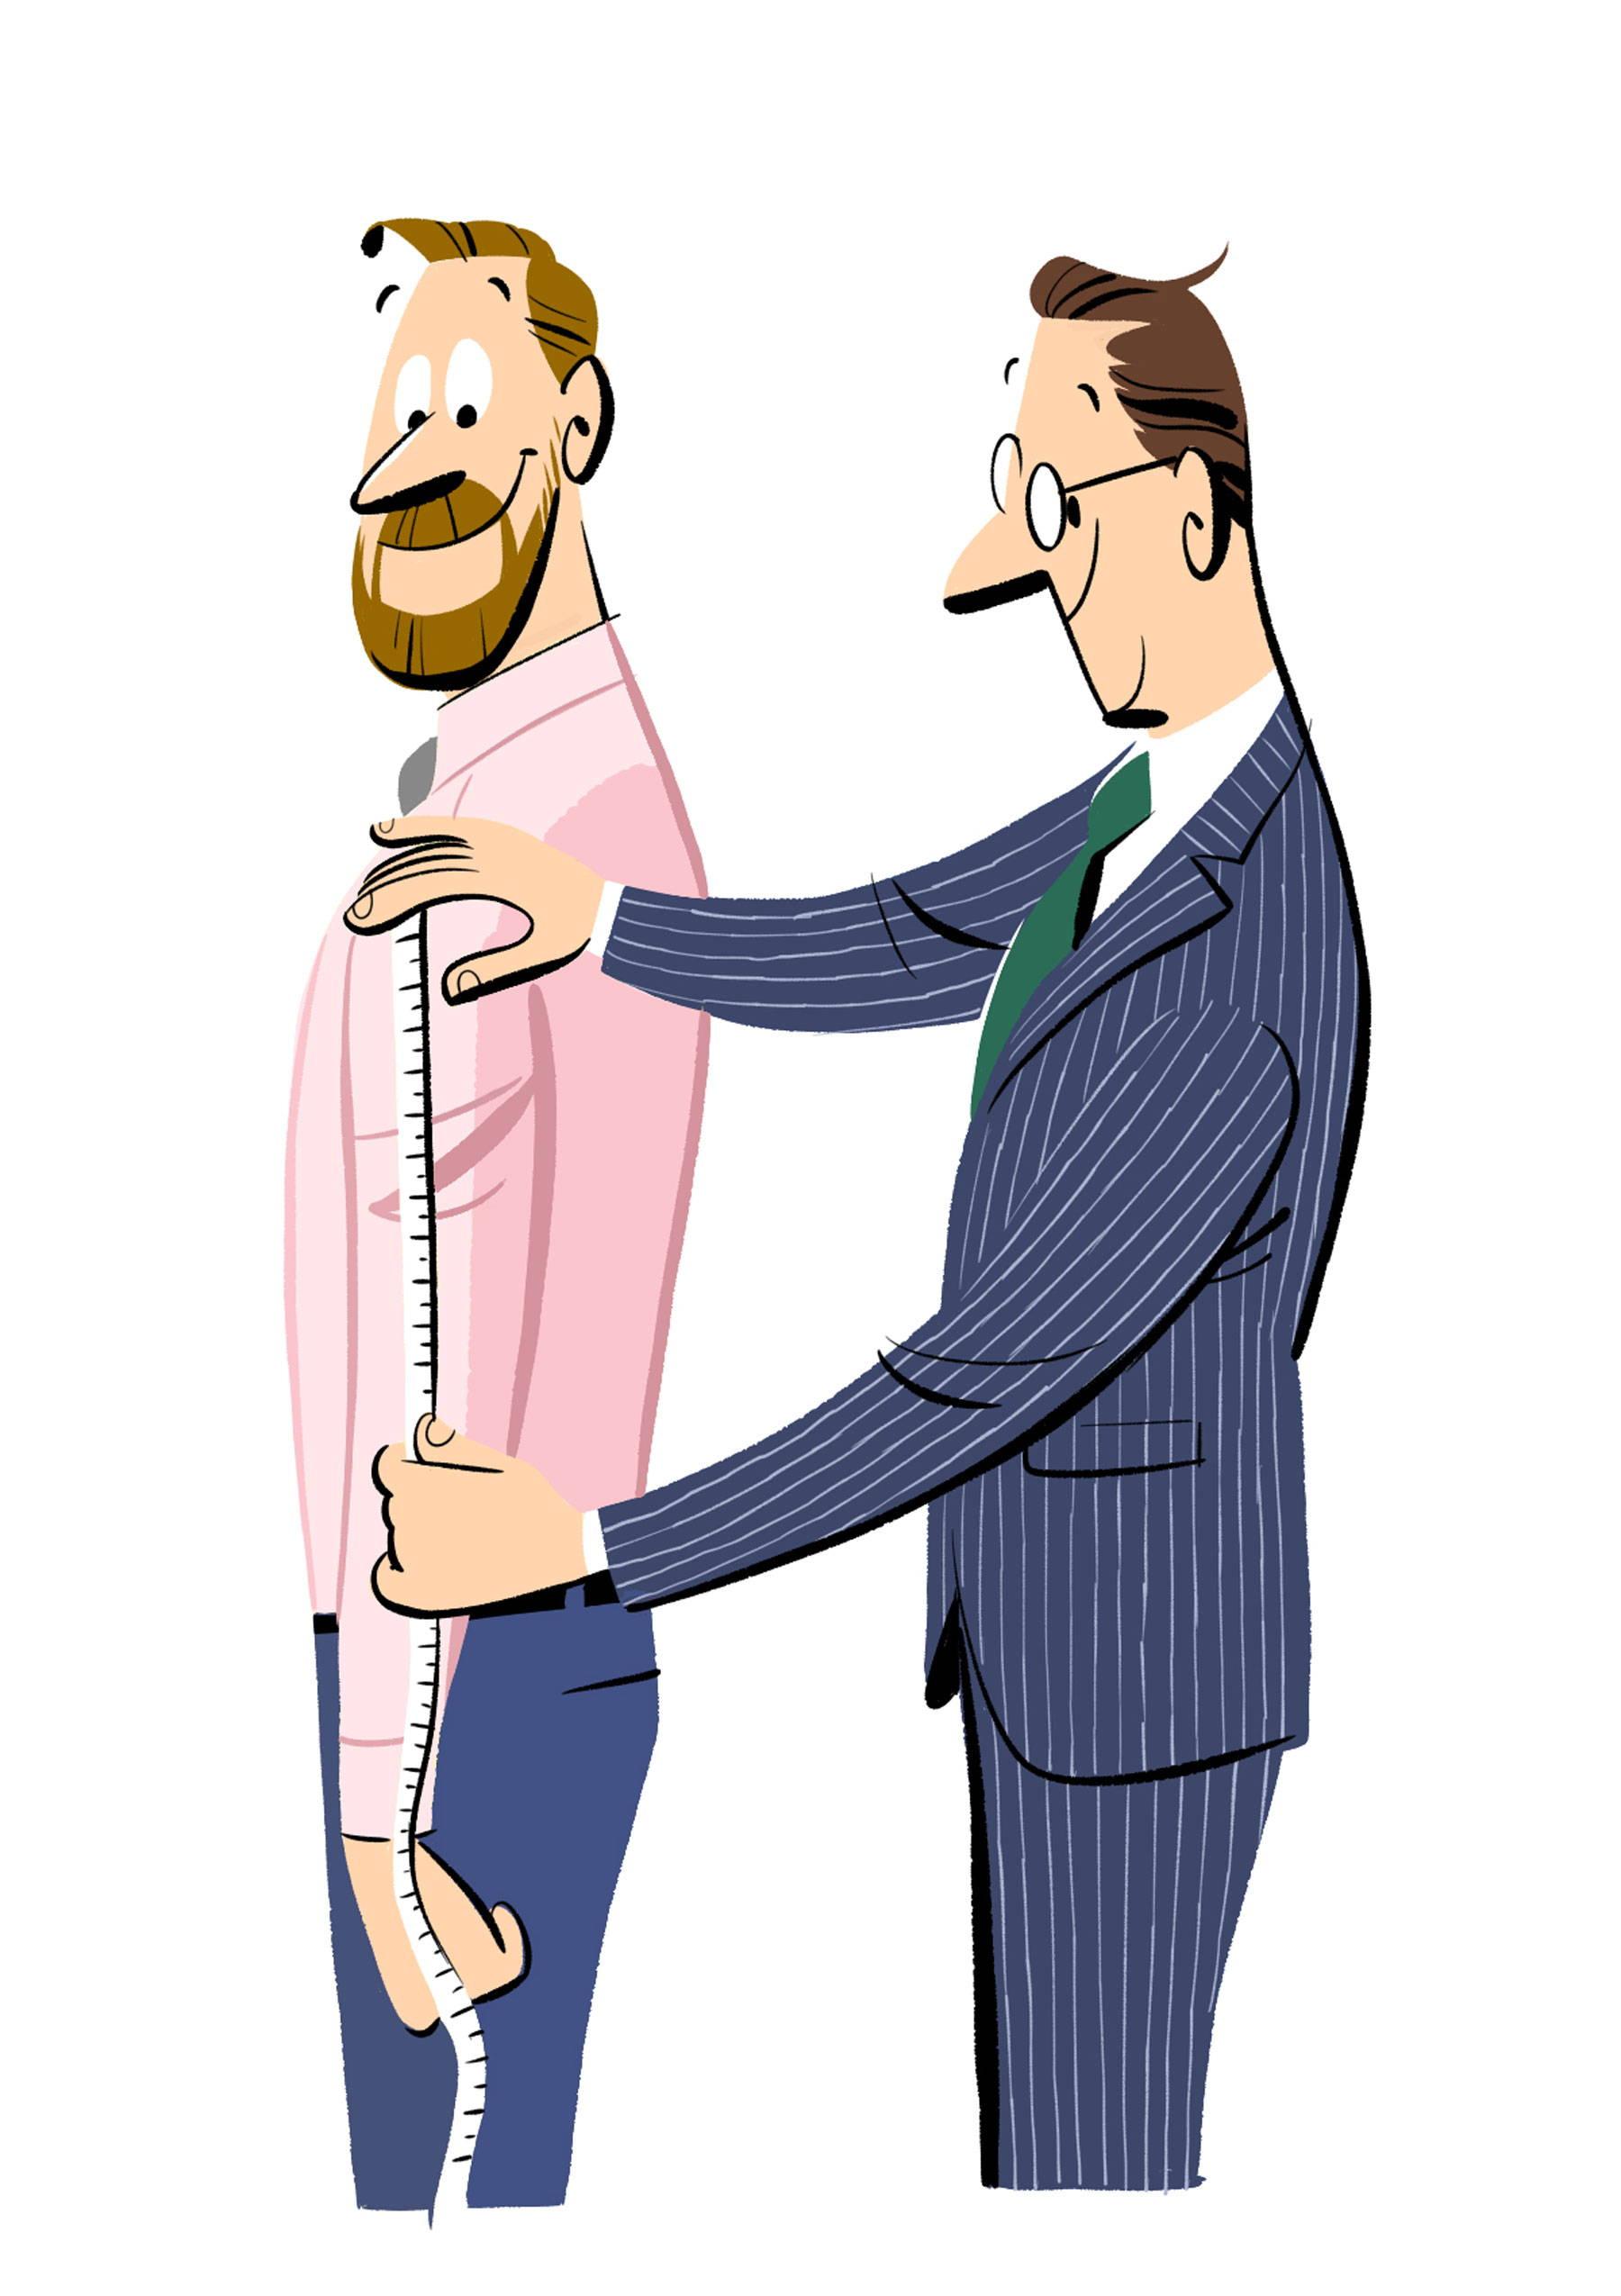 Illustration of man tailoring pink shirt